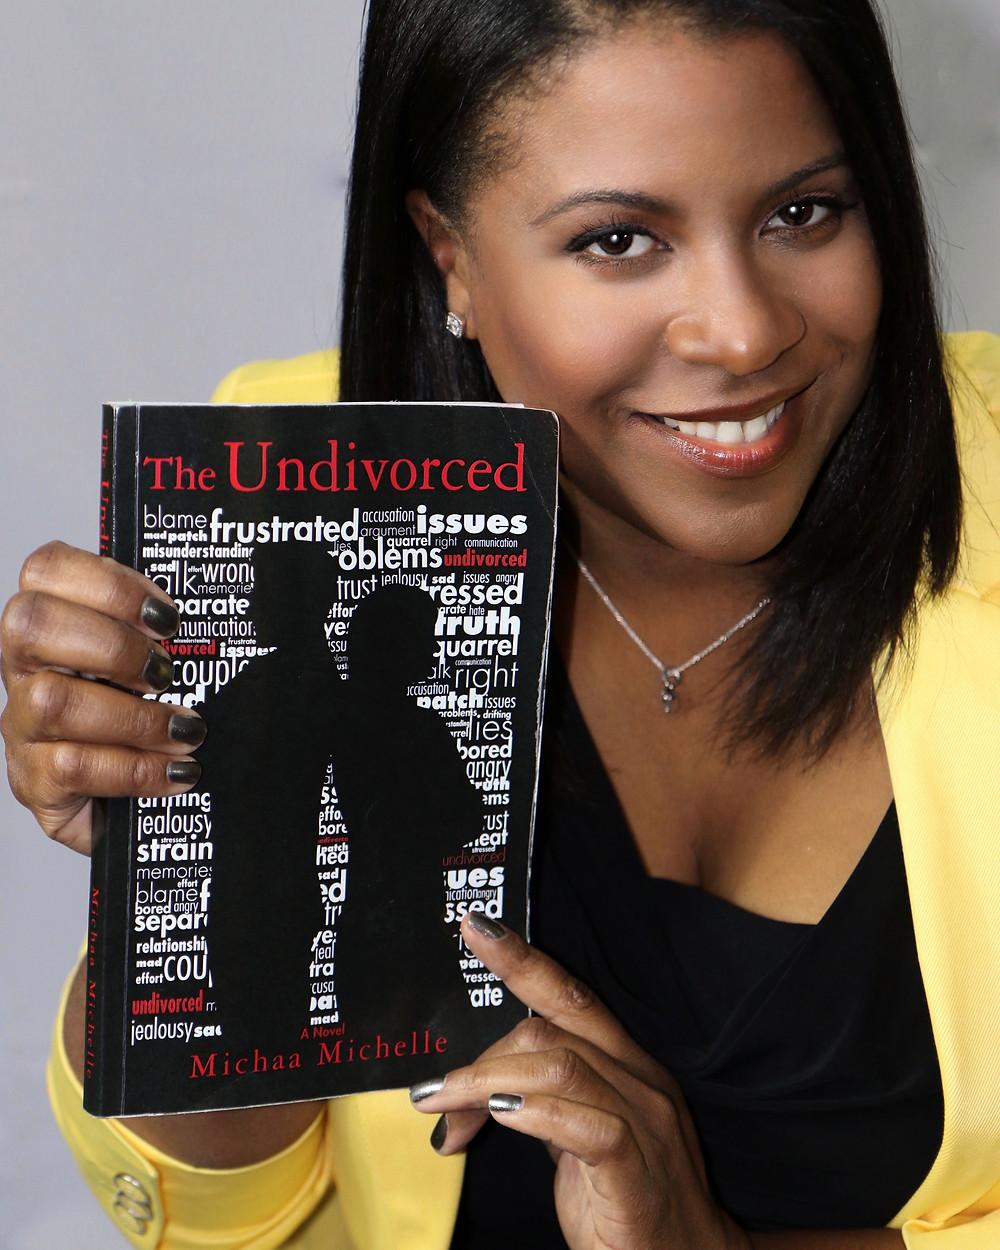 The Undivorced by Michaa Michelle